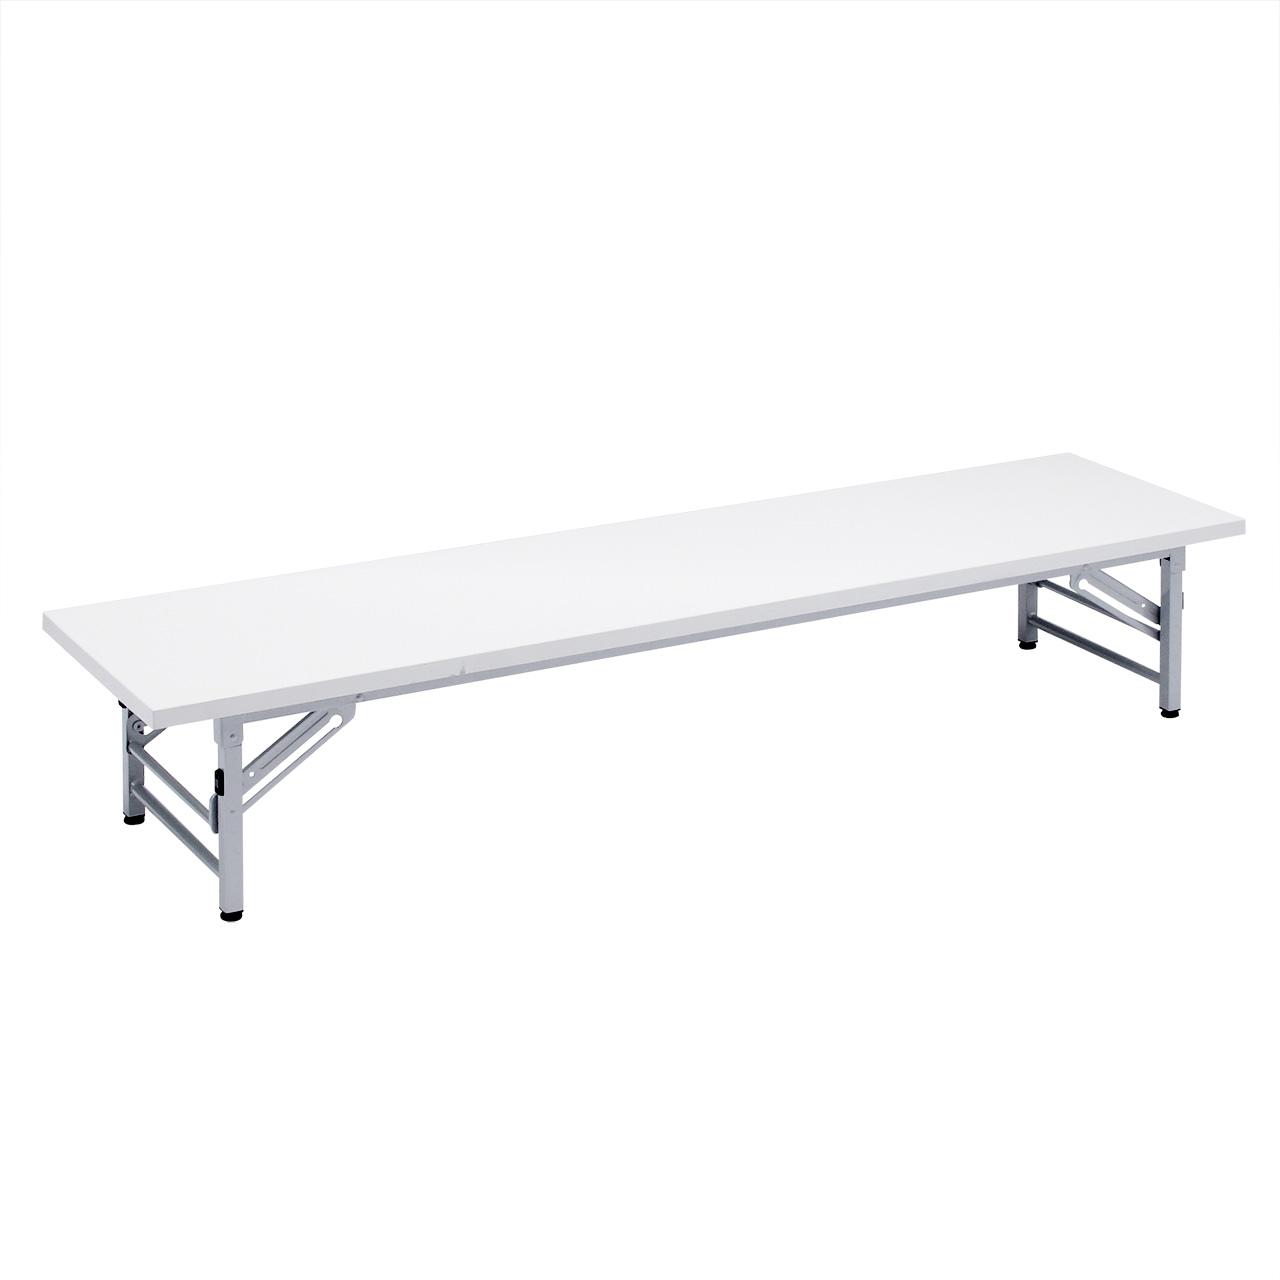 【送料無料】会議テーブル ロータイプ 幅180cm×奥行45cm×高さ33cm 折りたたみ 座卓 ホワイト 木目 会議用テーブル 会議机 [100-FD008]